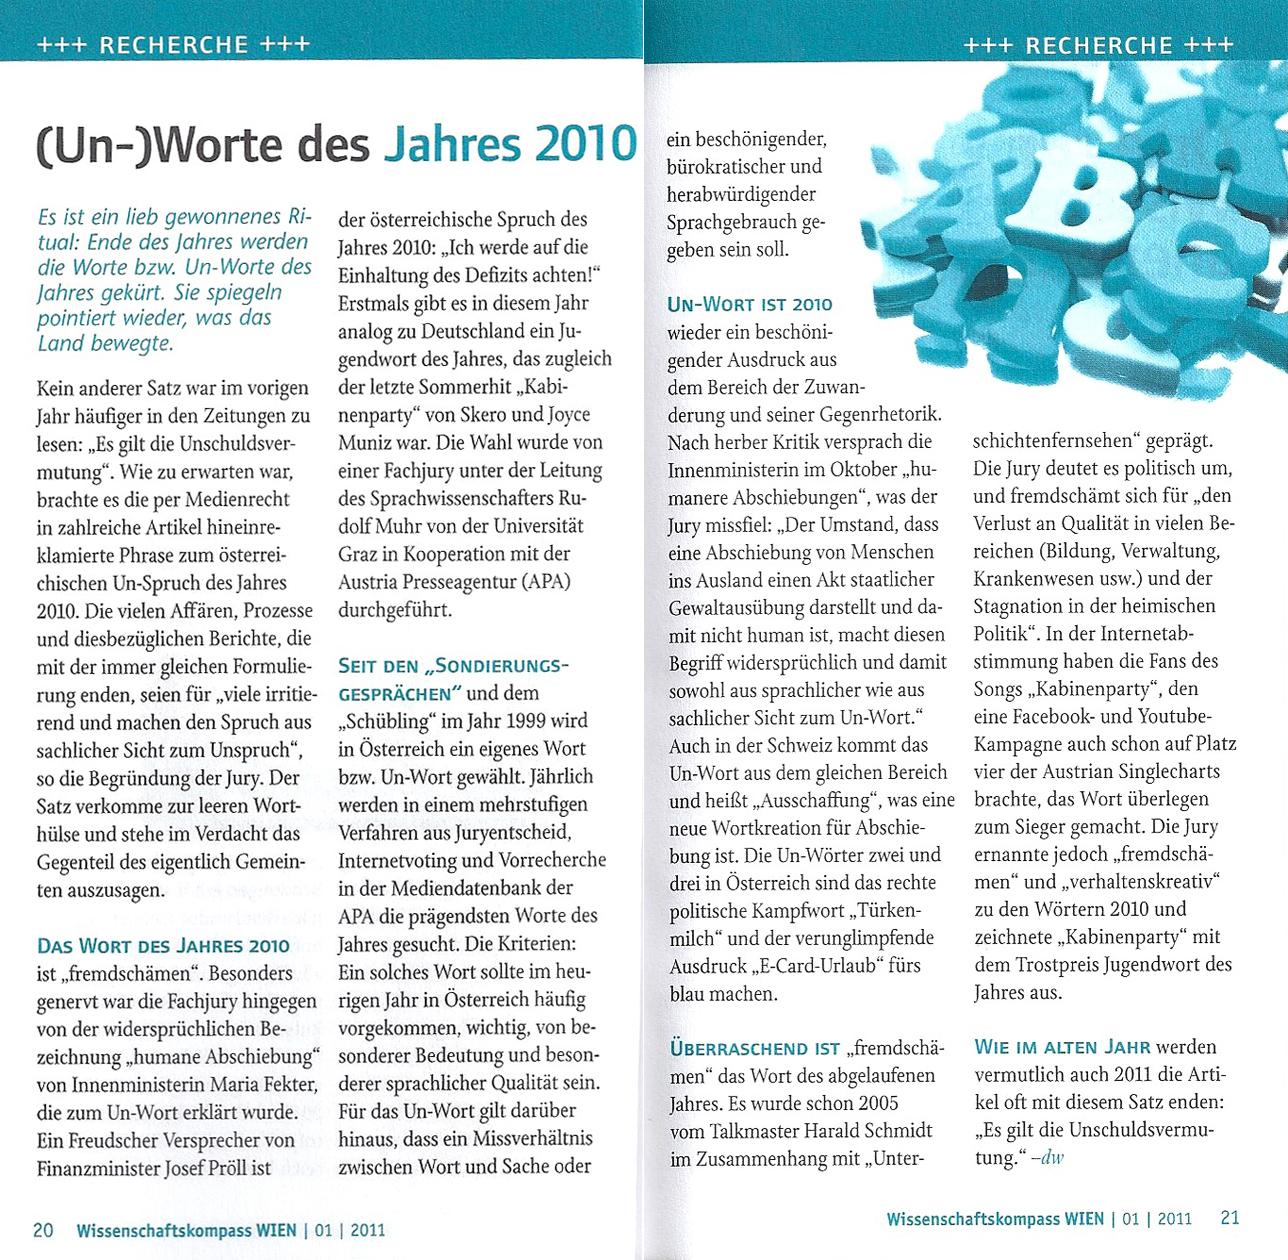 (Un-)Worte des Jahres 2010